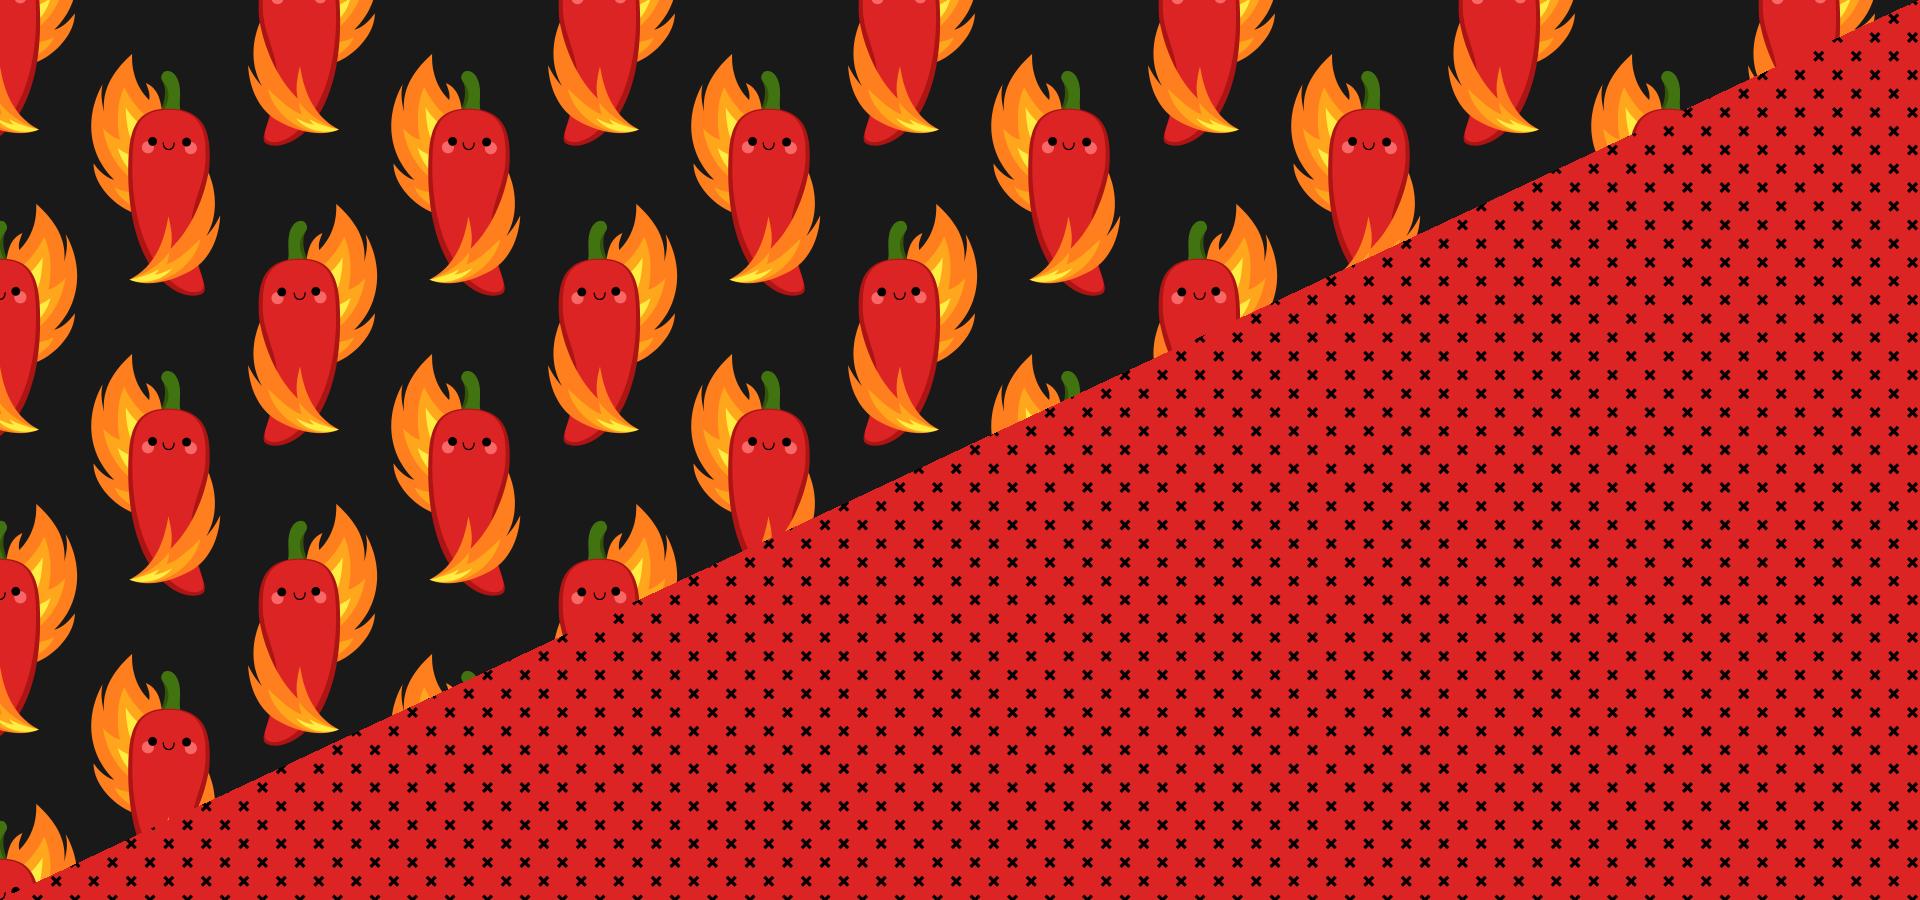 Collection de motifs petits piments rouges et flammes